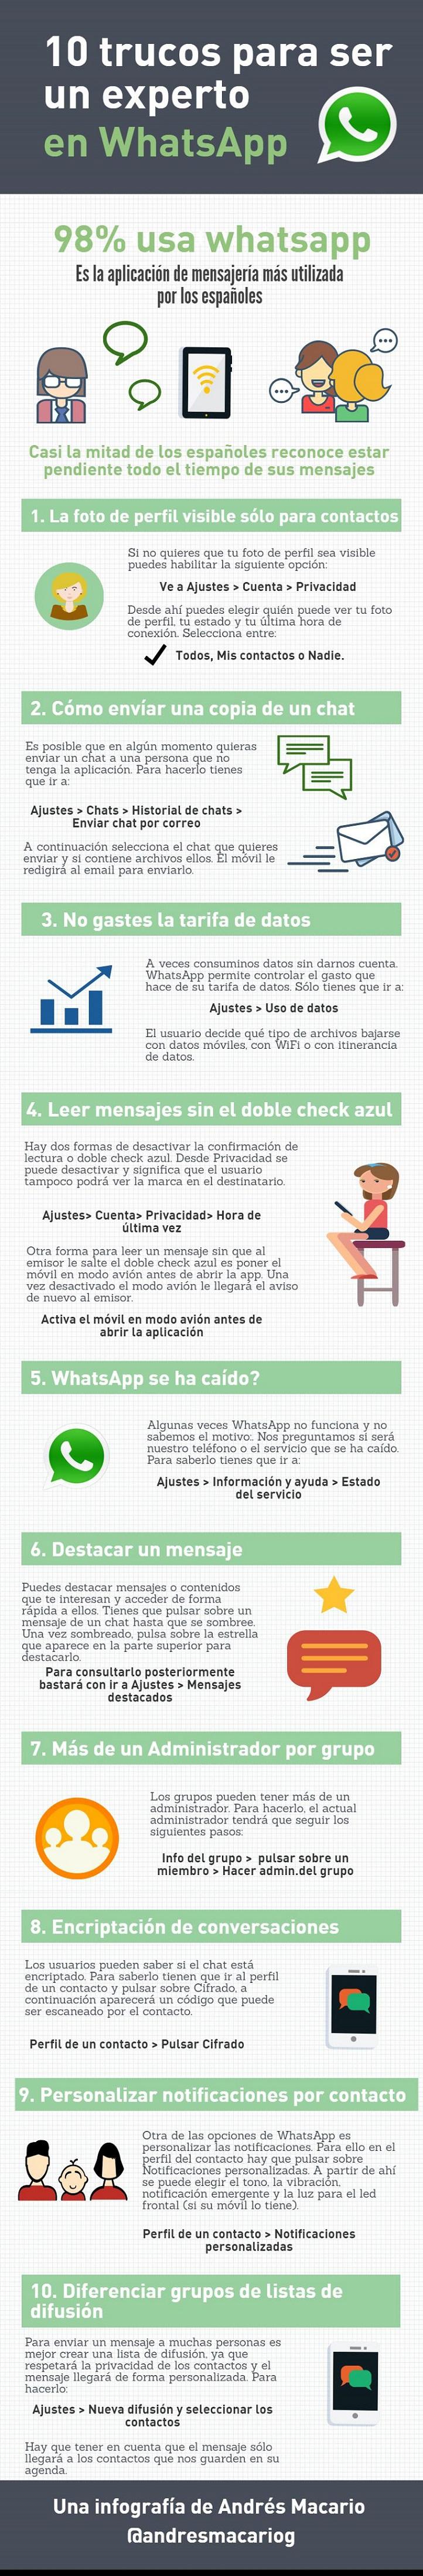 10-trucos-para-ser-un-experto-en-whatsapp